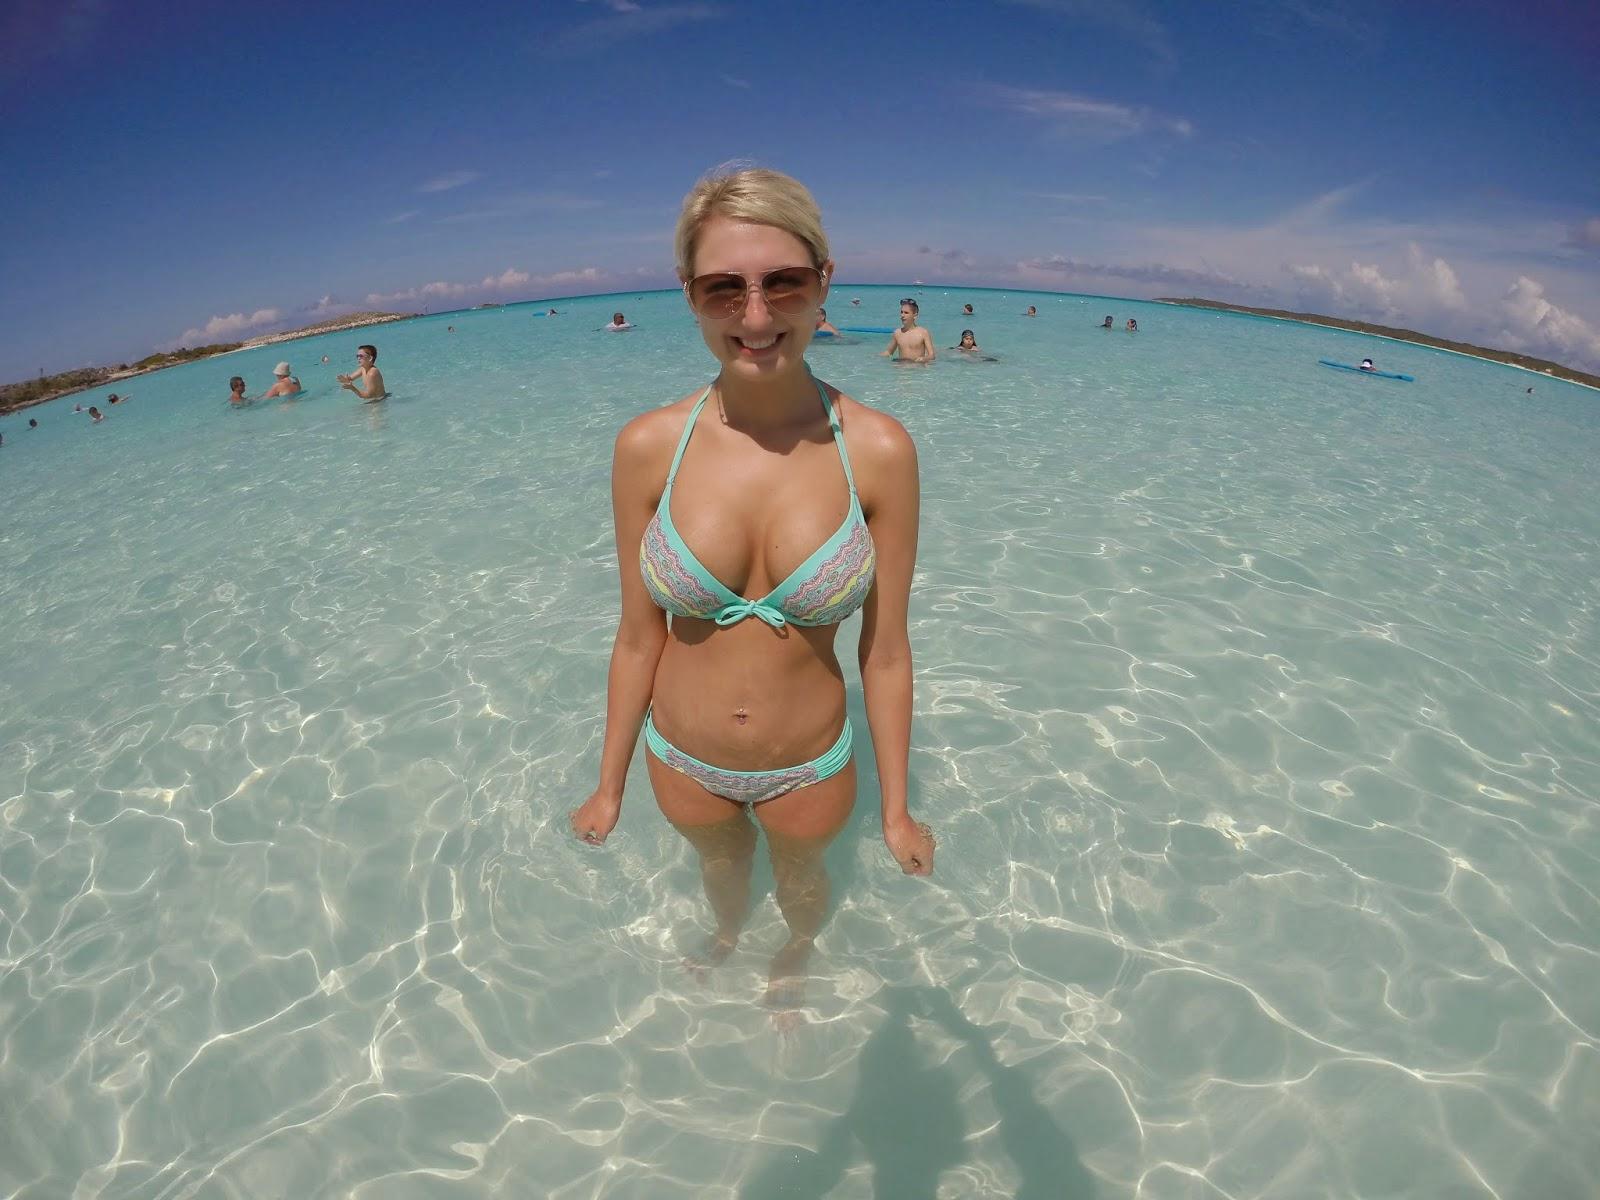 sexy girl in ocean